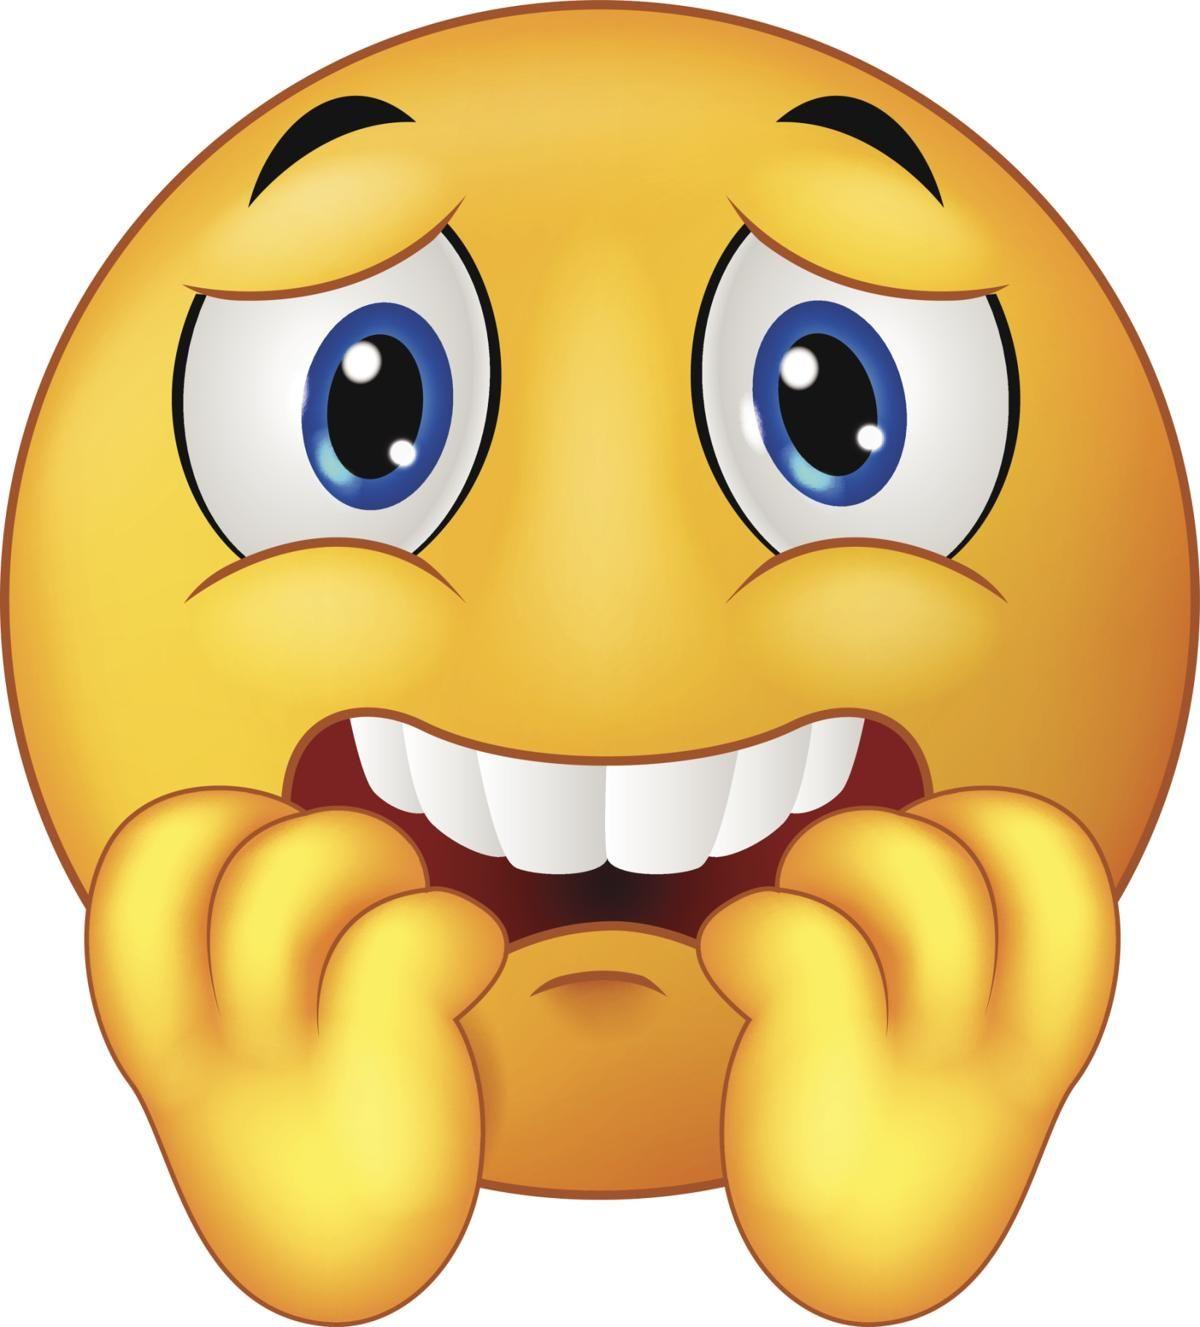 Scared emoticon emoticons pinterest emoticon emoticon biocorpaavc